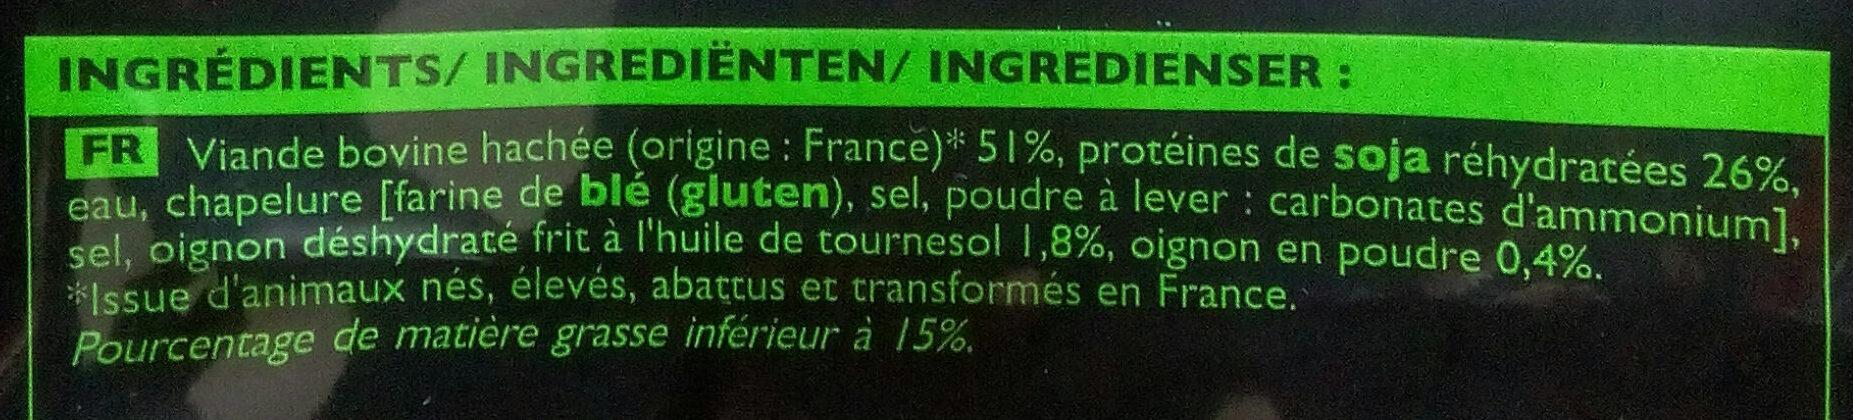 Boulettes au Bœuf et aux Oignons Crues - Ingredients - fr